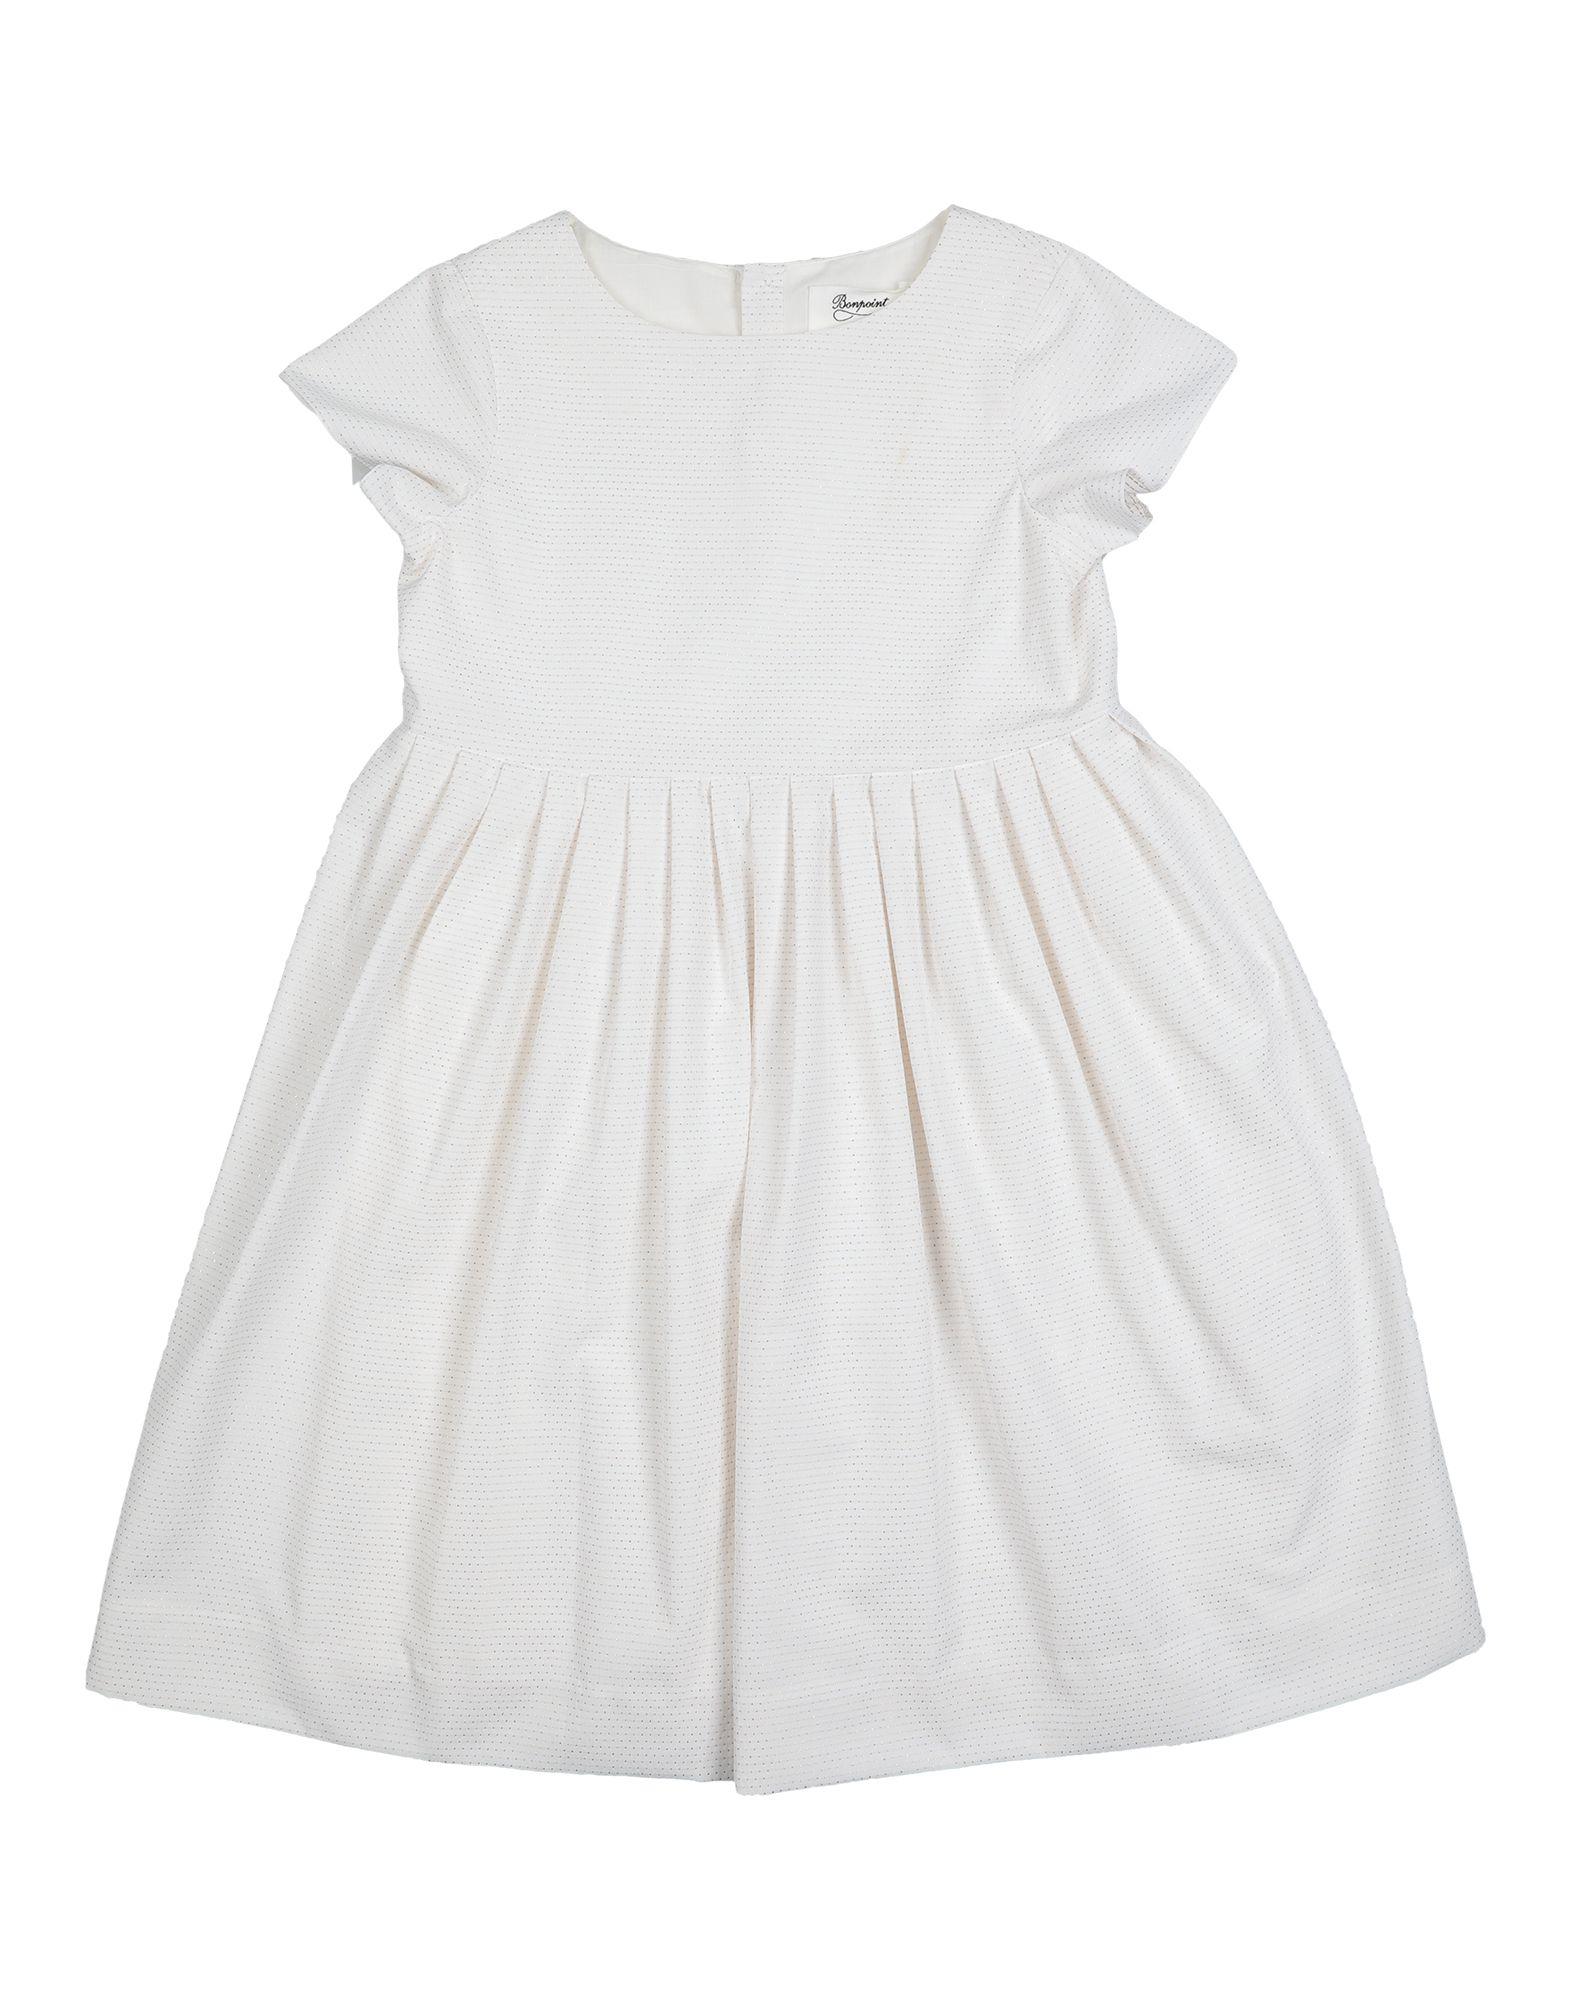 BONPOINT Платье bonpoint конверт pijoujou белый